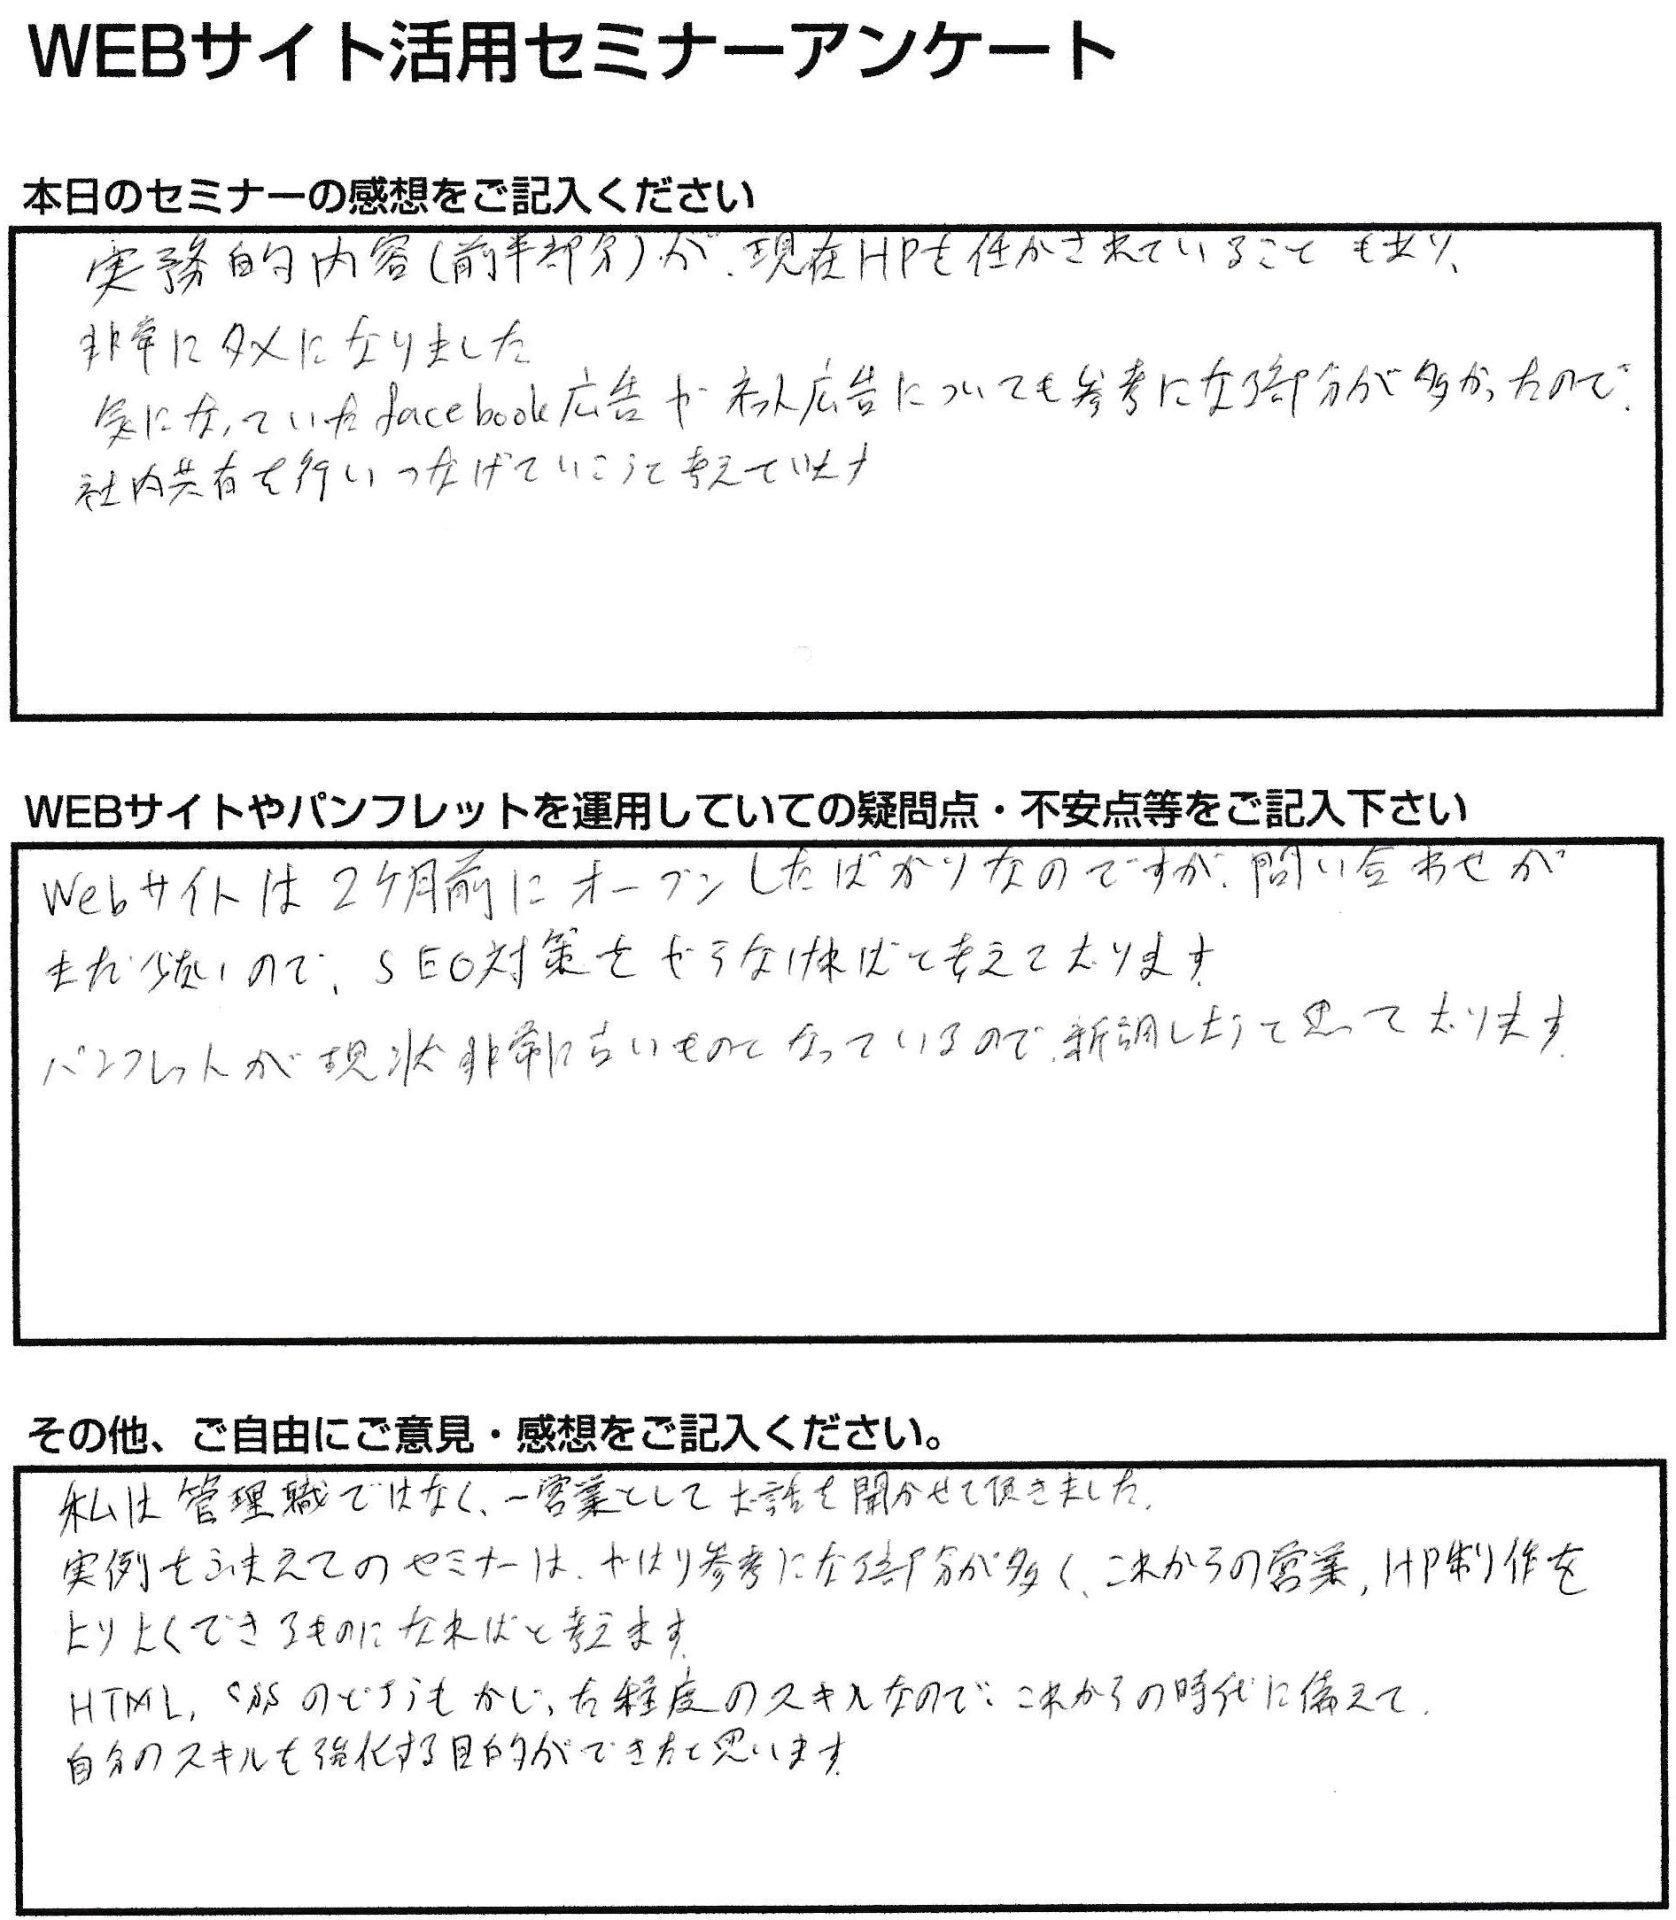 つくばでのWEB活用セミナーアンケート8